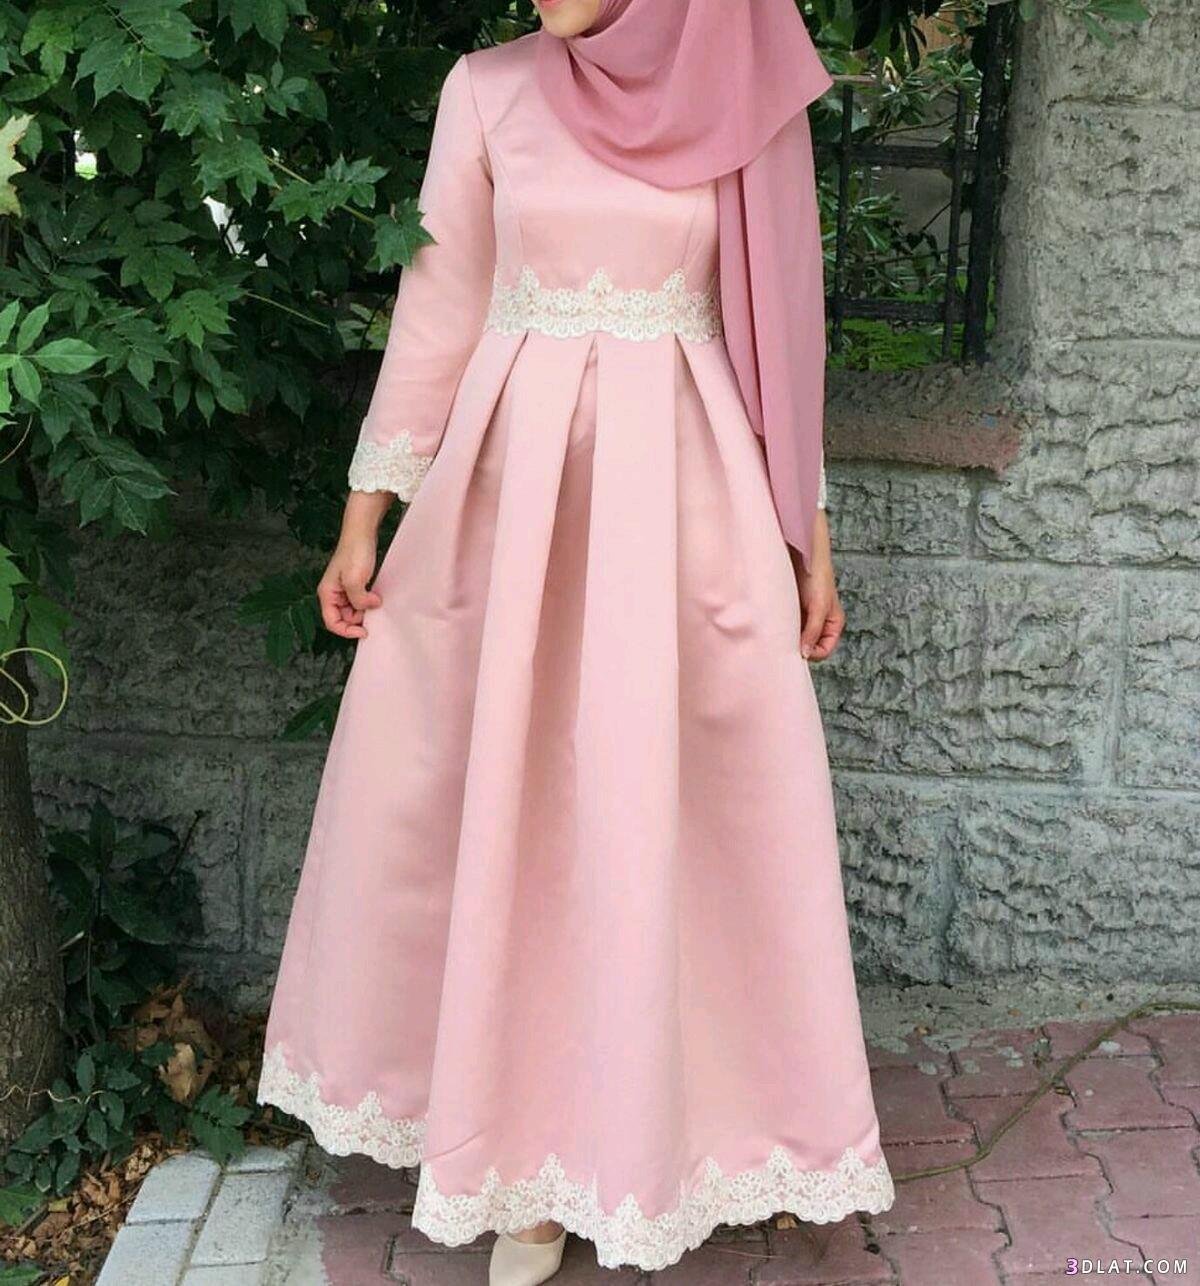 بالصور فساتين تركية , الاتراك وطريقه ملابسهم فى الفساتين 4685 12